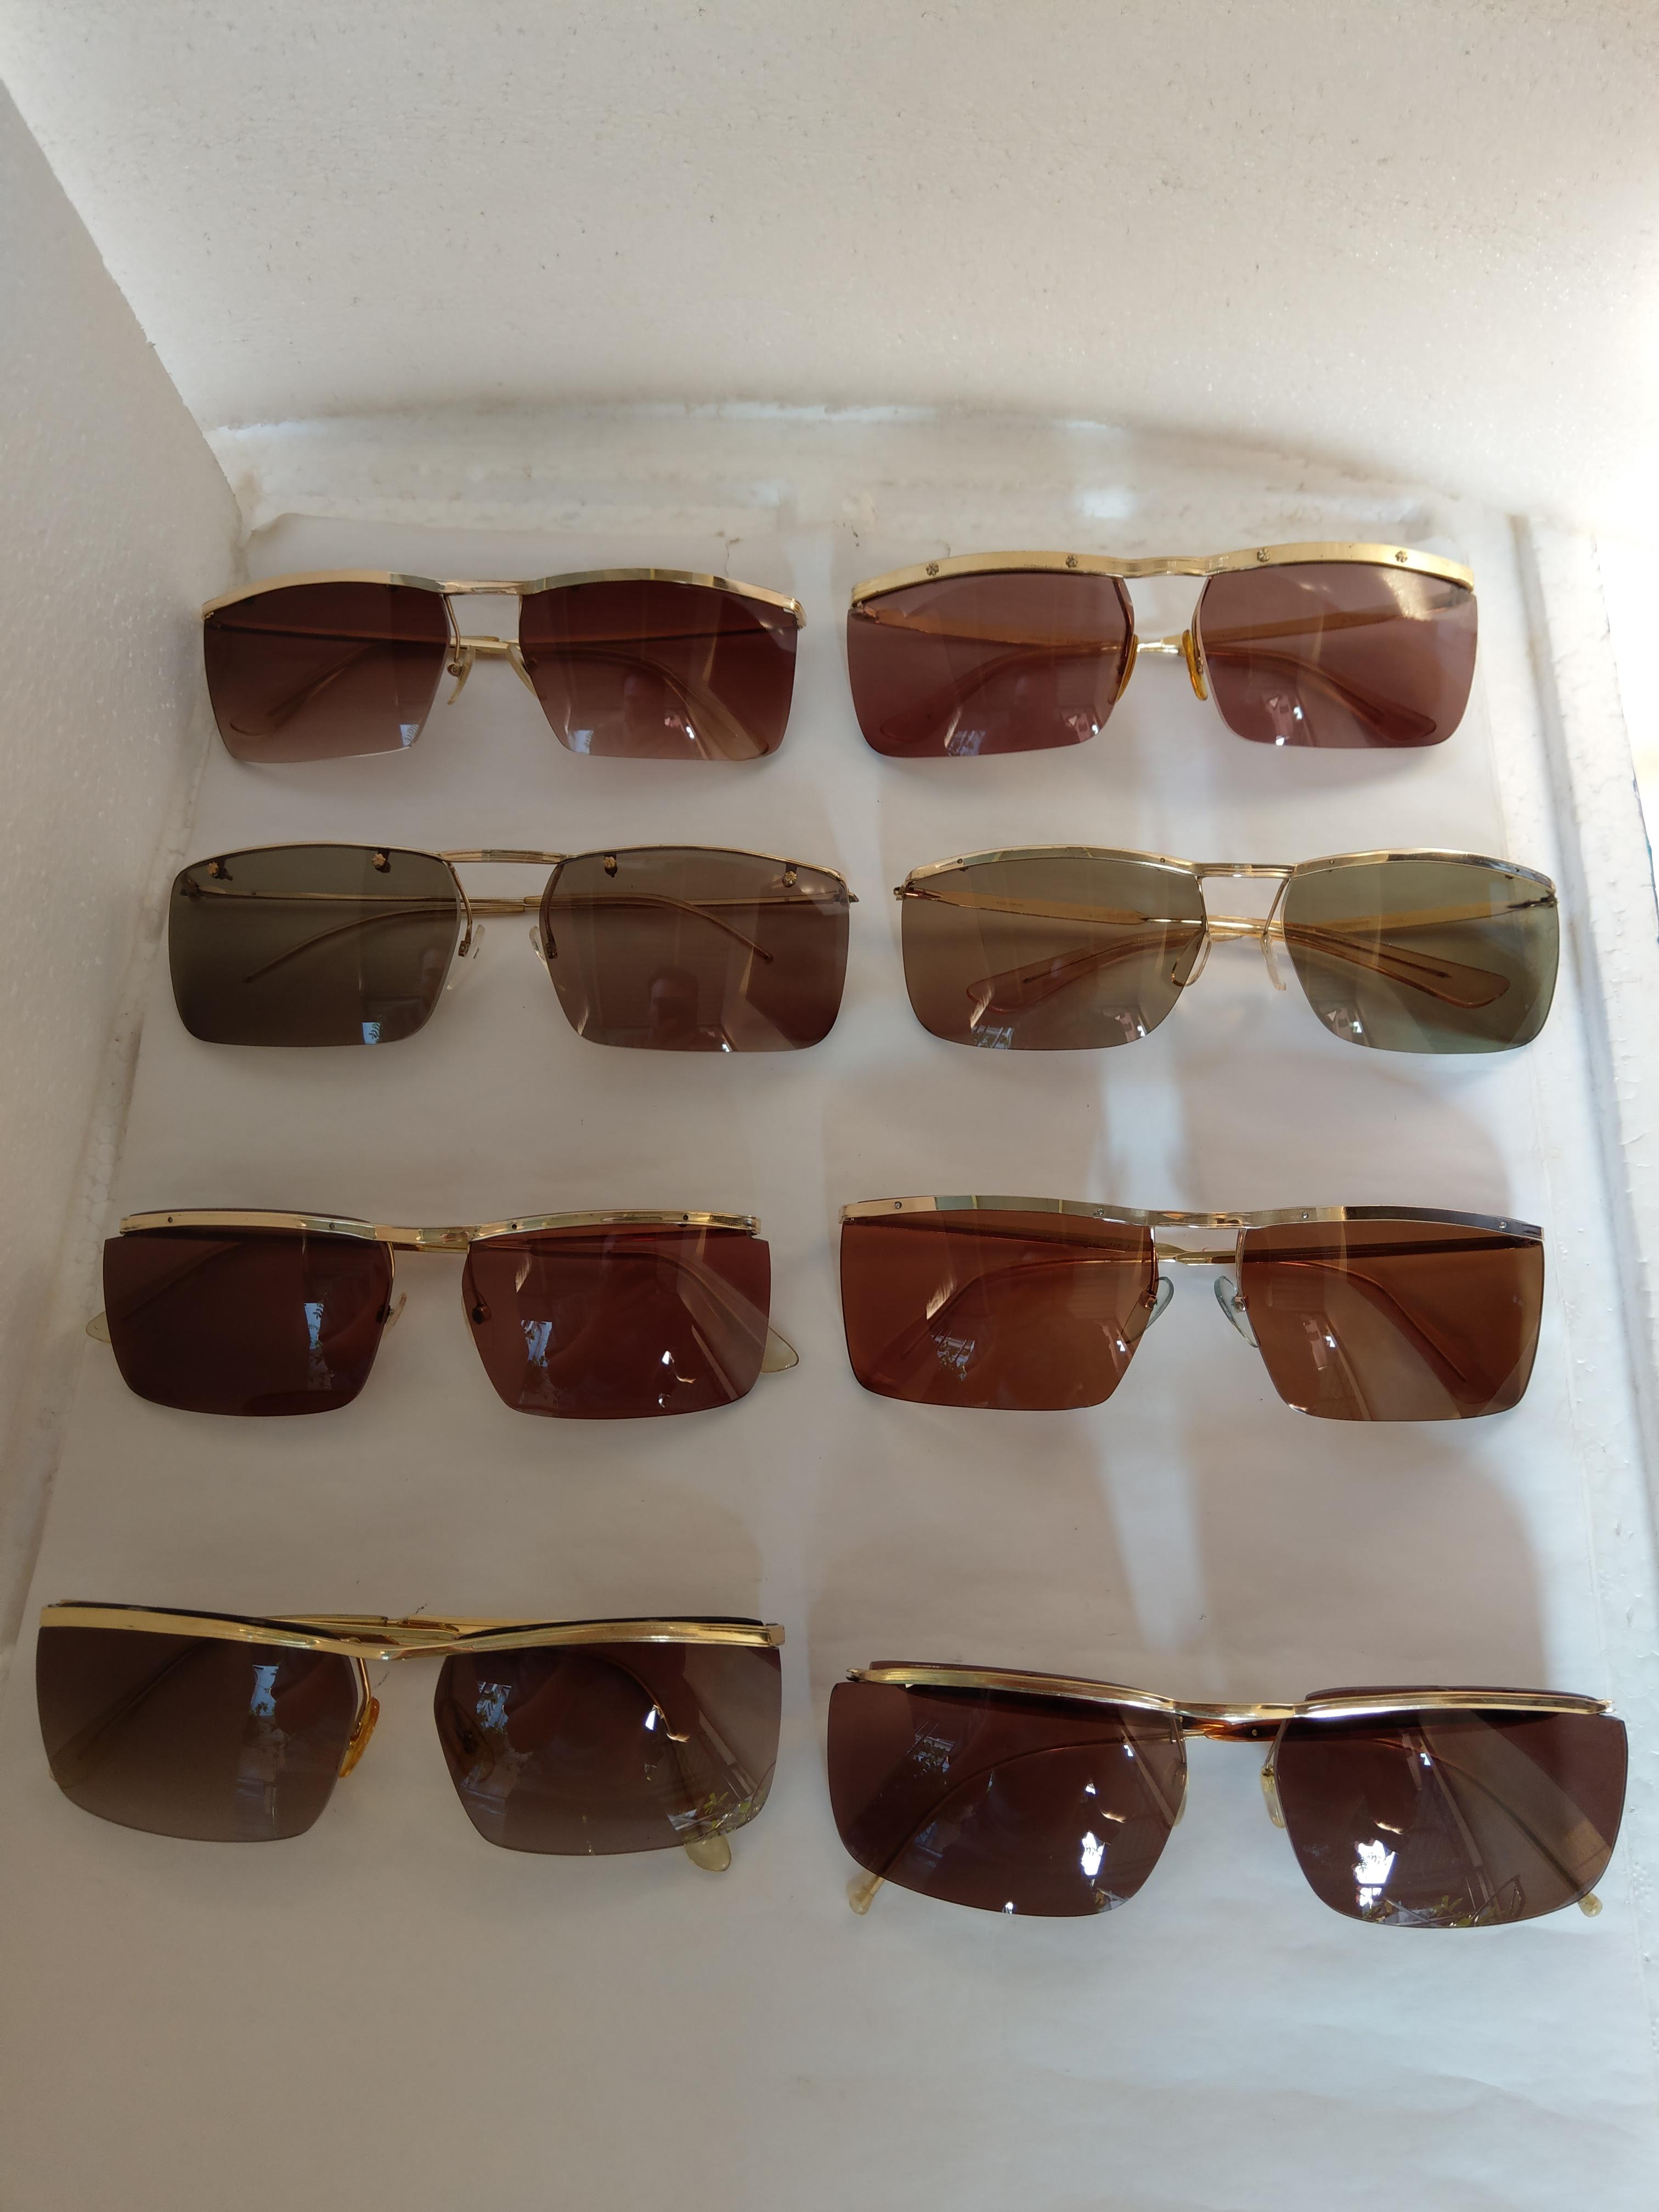 9 Có 8 cái kính cổ mạ vàng bọc vàng có đầy đủ các thương hiệu nổi tiếng trên toàn thế giới..vv